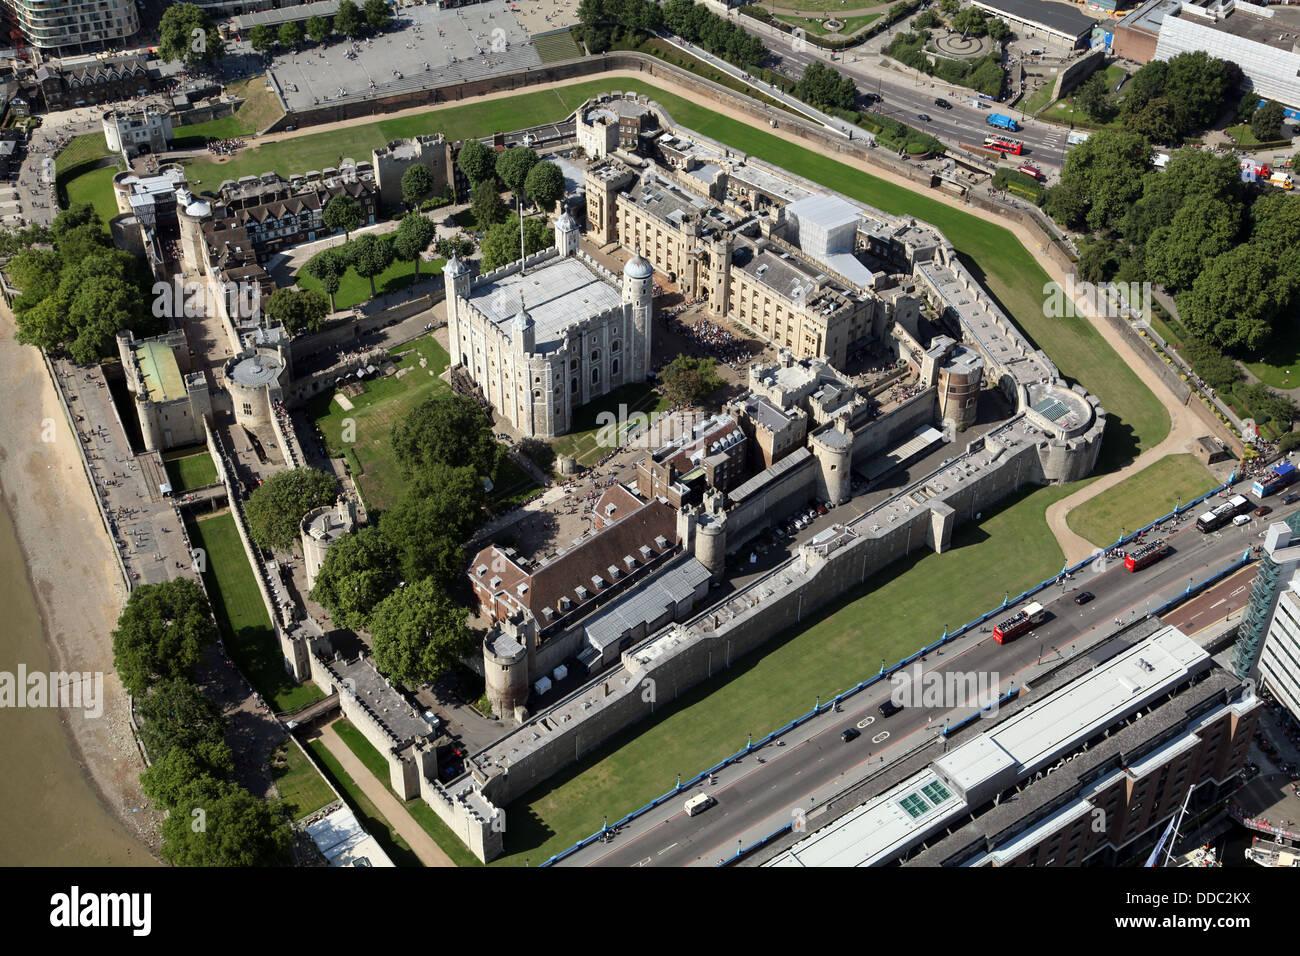 Une vue aérienne de la Tour de Londres où la couronne royale bijoux sont conservés Banque D'Images